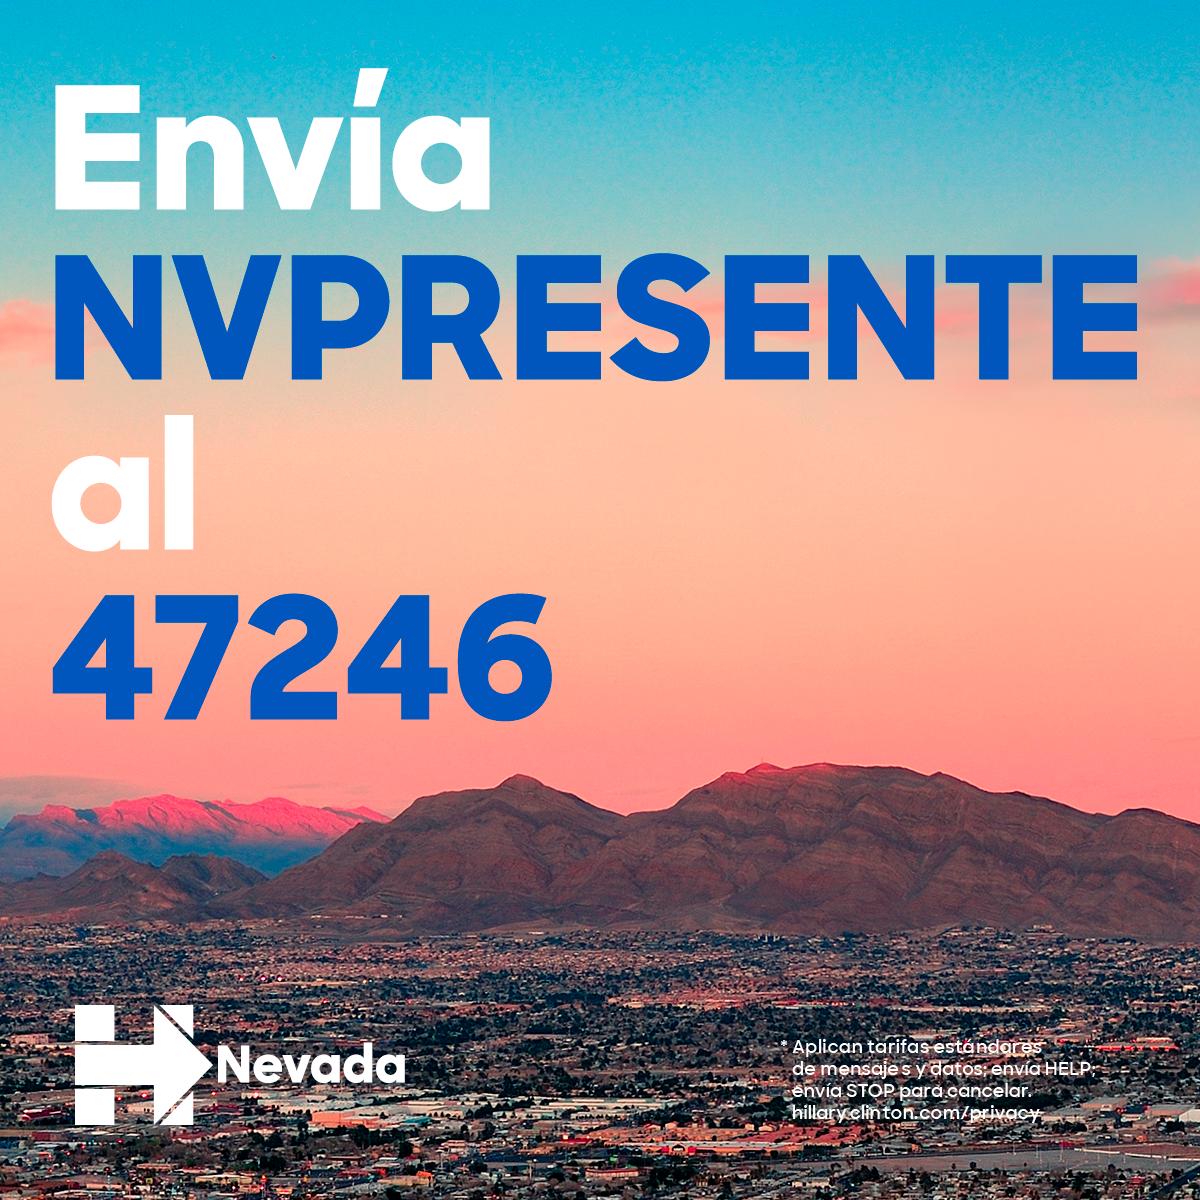 NV-pre-debate-vote-early-sms-esp-101016.png